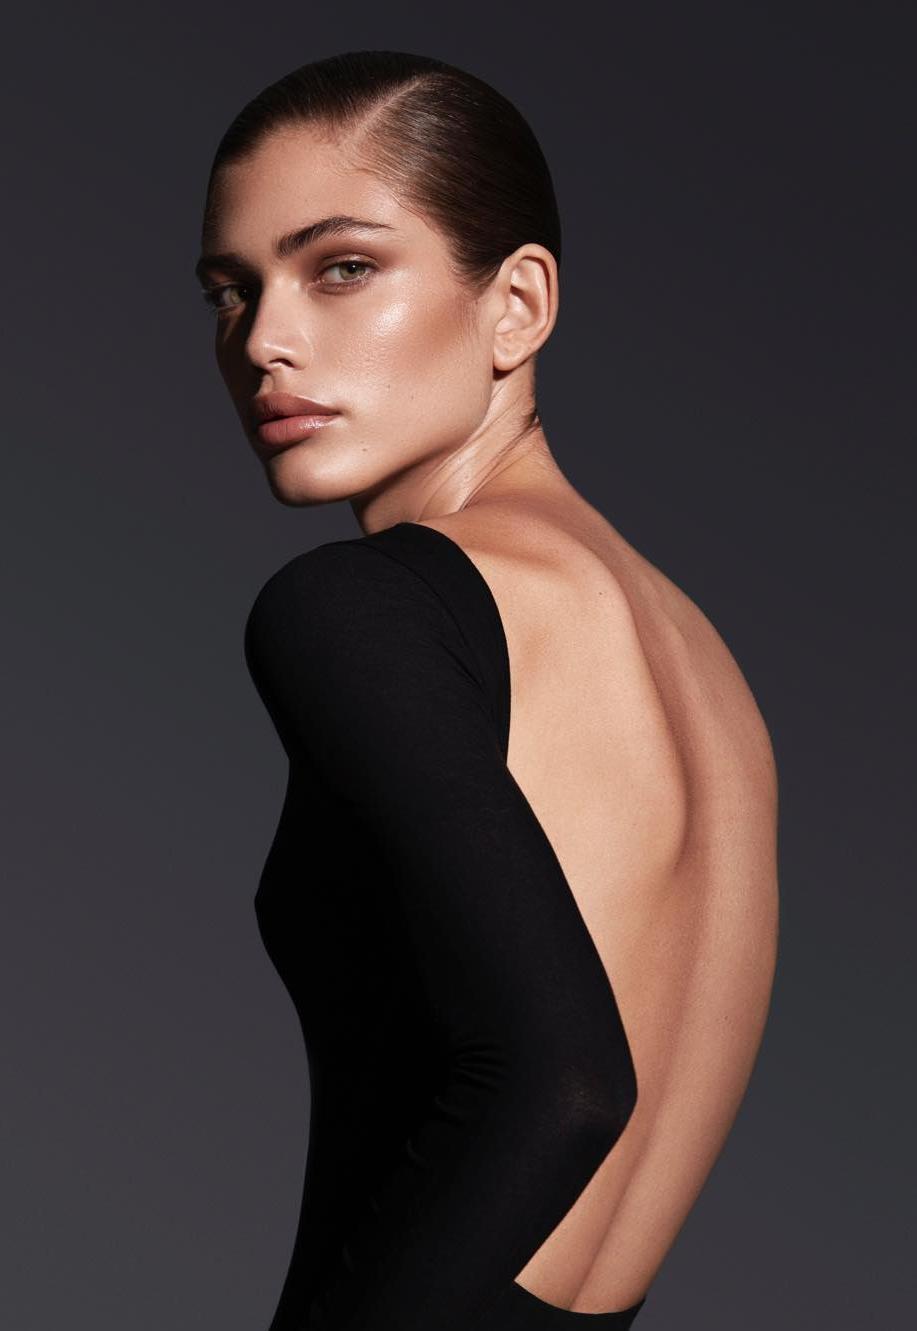 первая модель трансгендер Victoria's Secret Валентина Сампайо